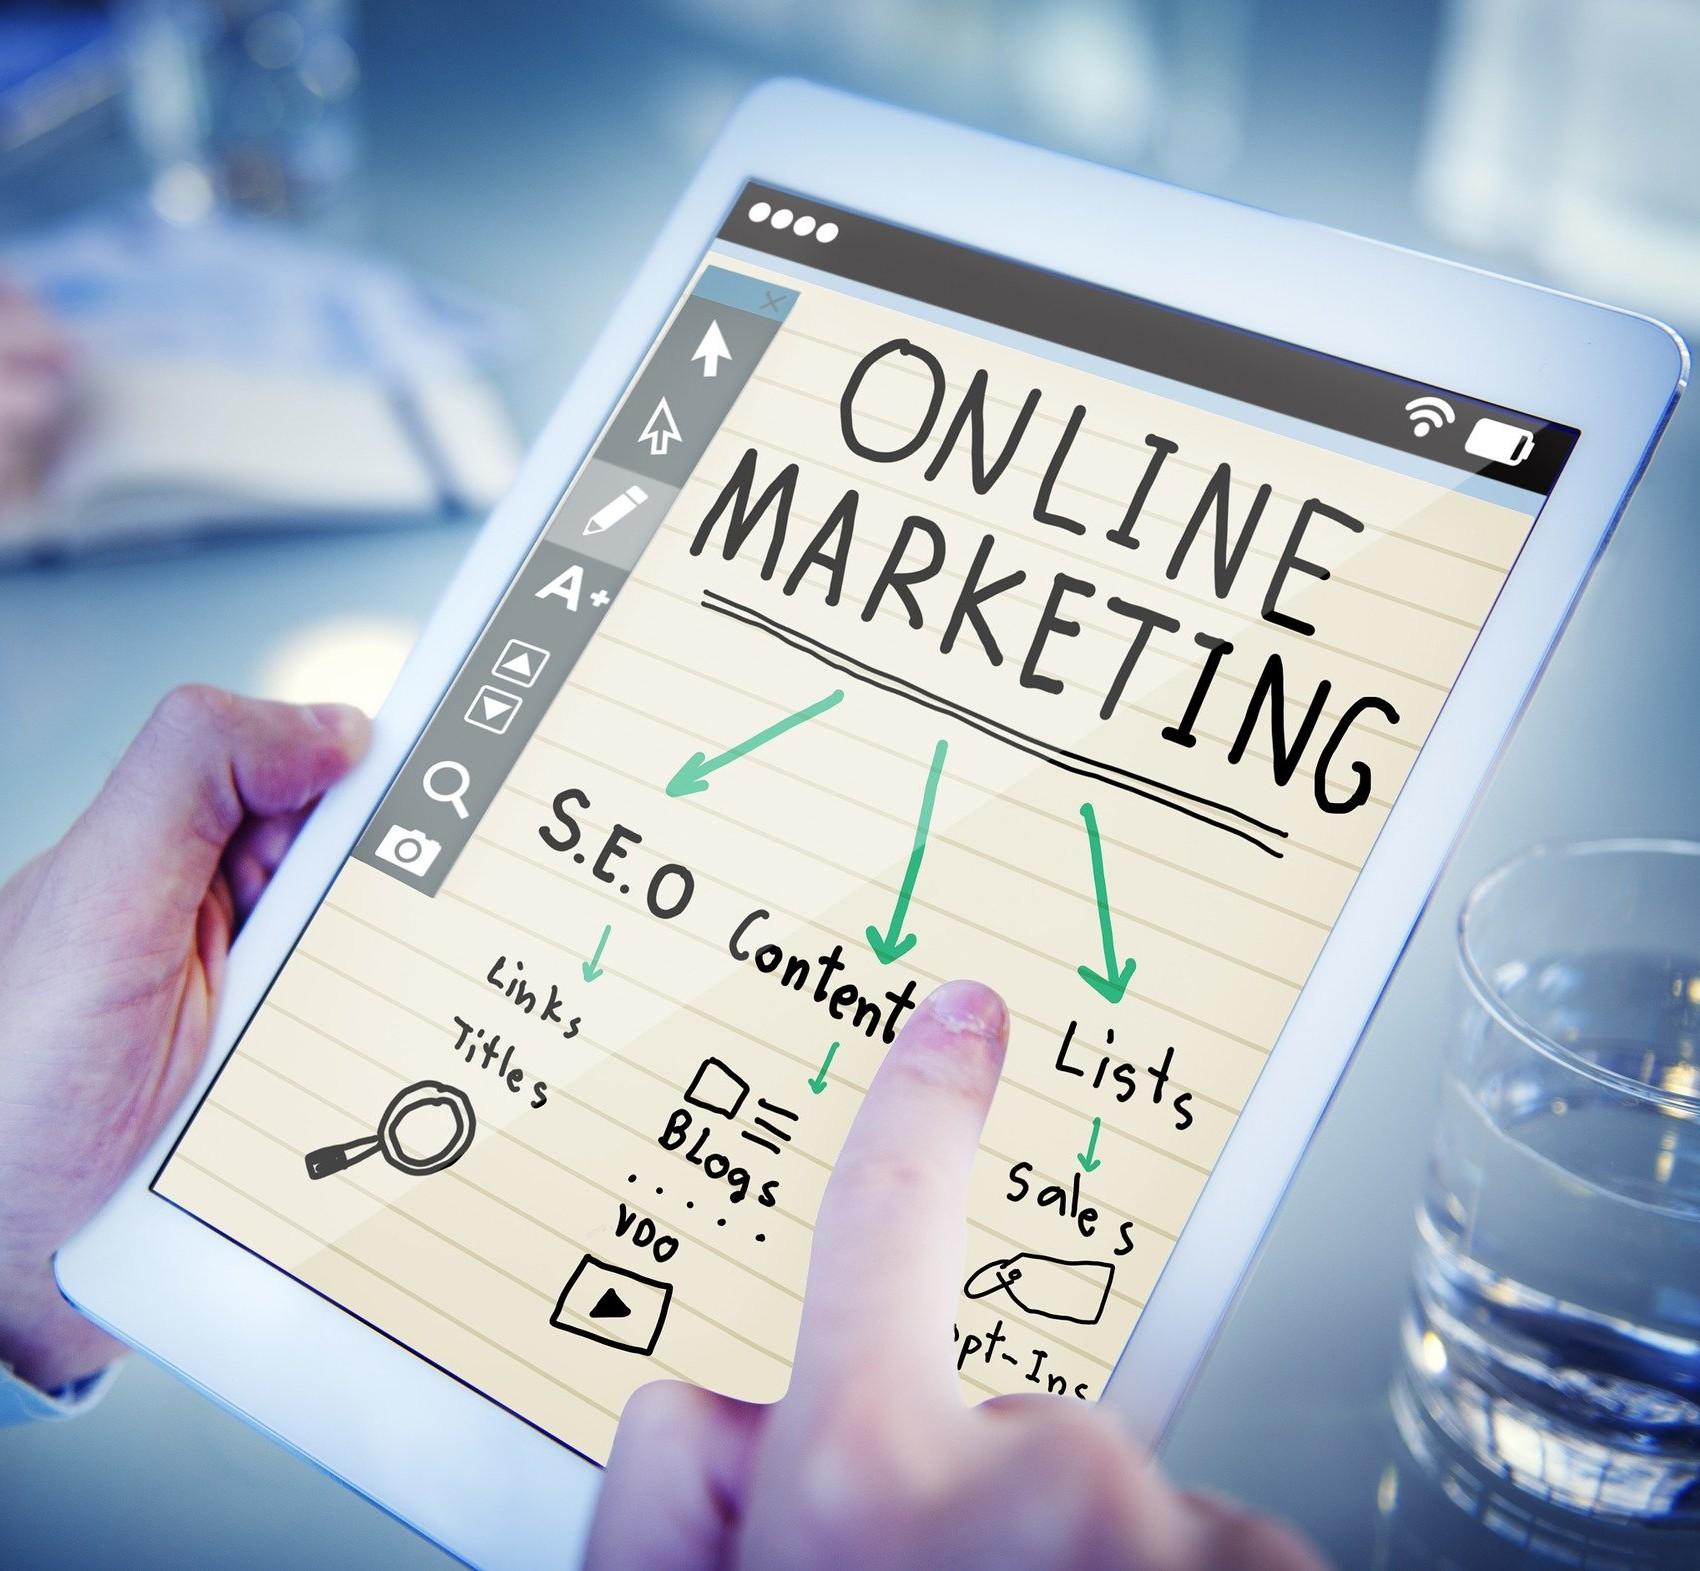 digital-marketing-strategies-b2b.jpg